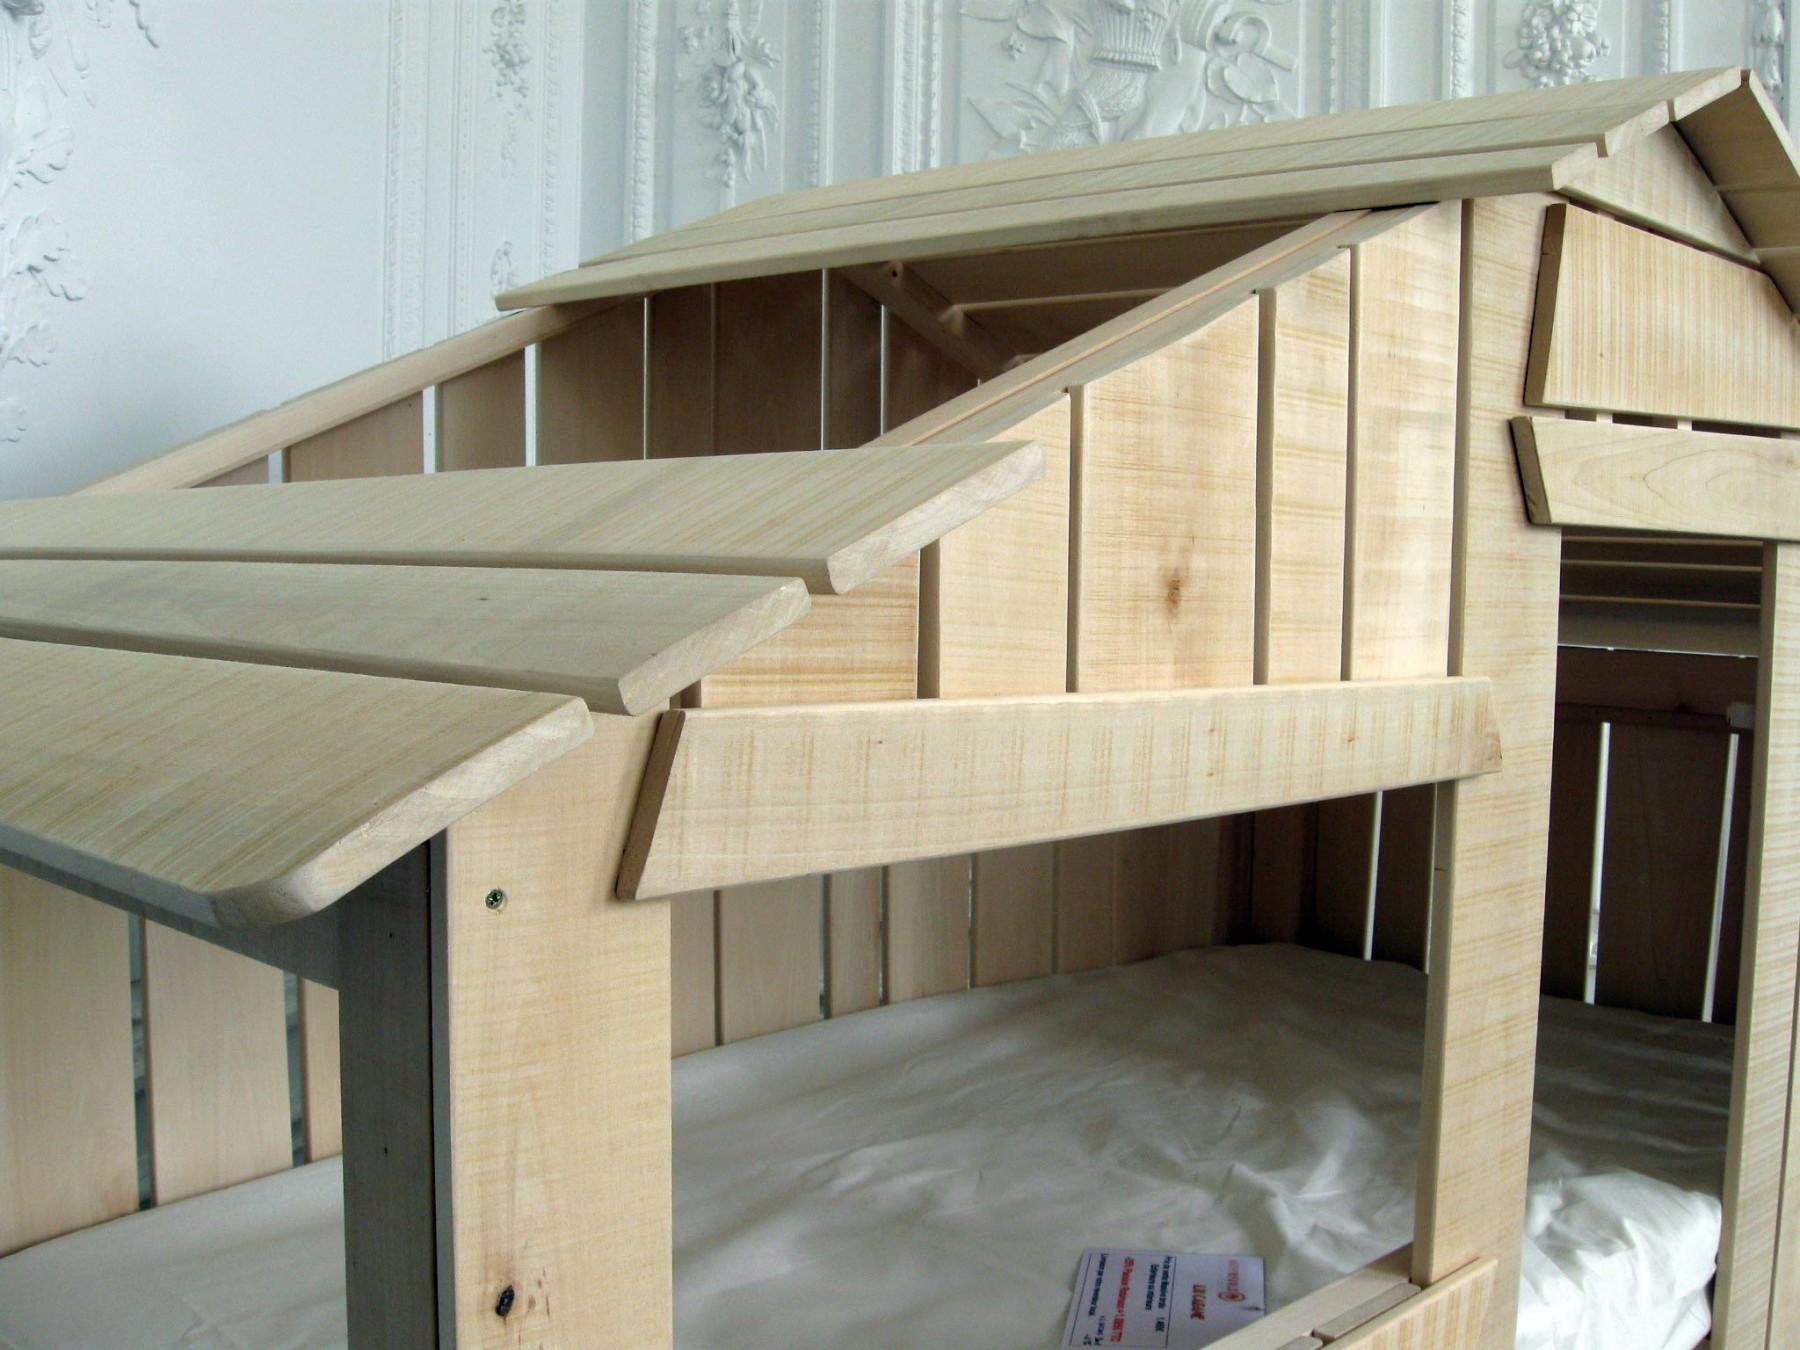 lit cabane enfant simple couchage